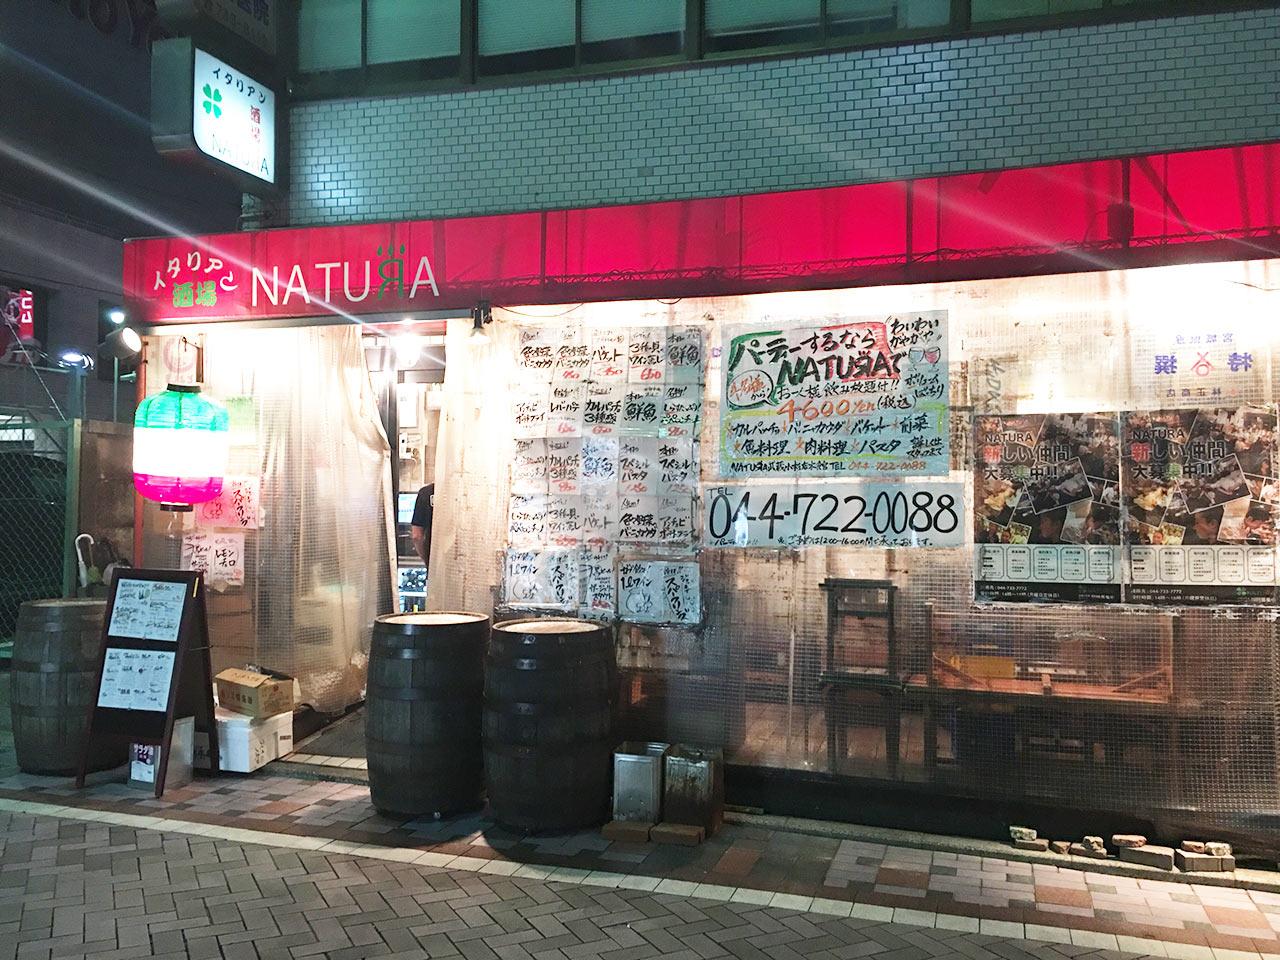 武蔵小杉のイタリアン酒場NATURAの外観